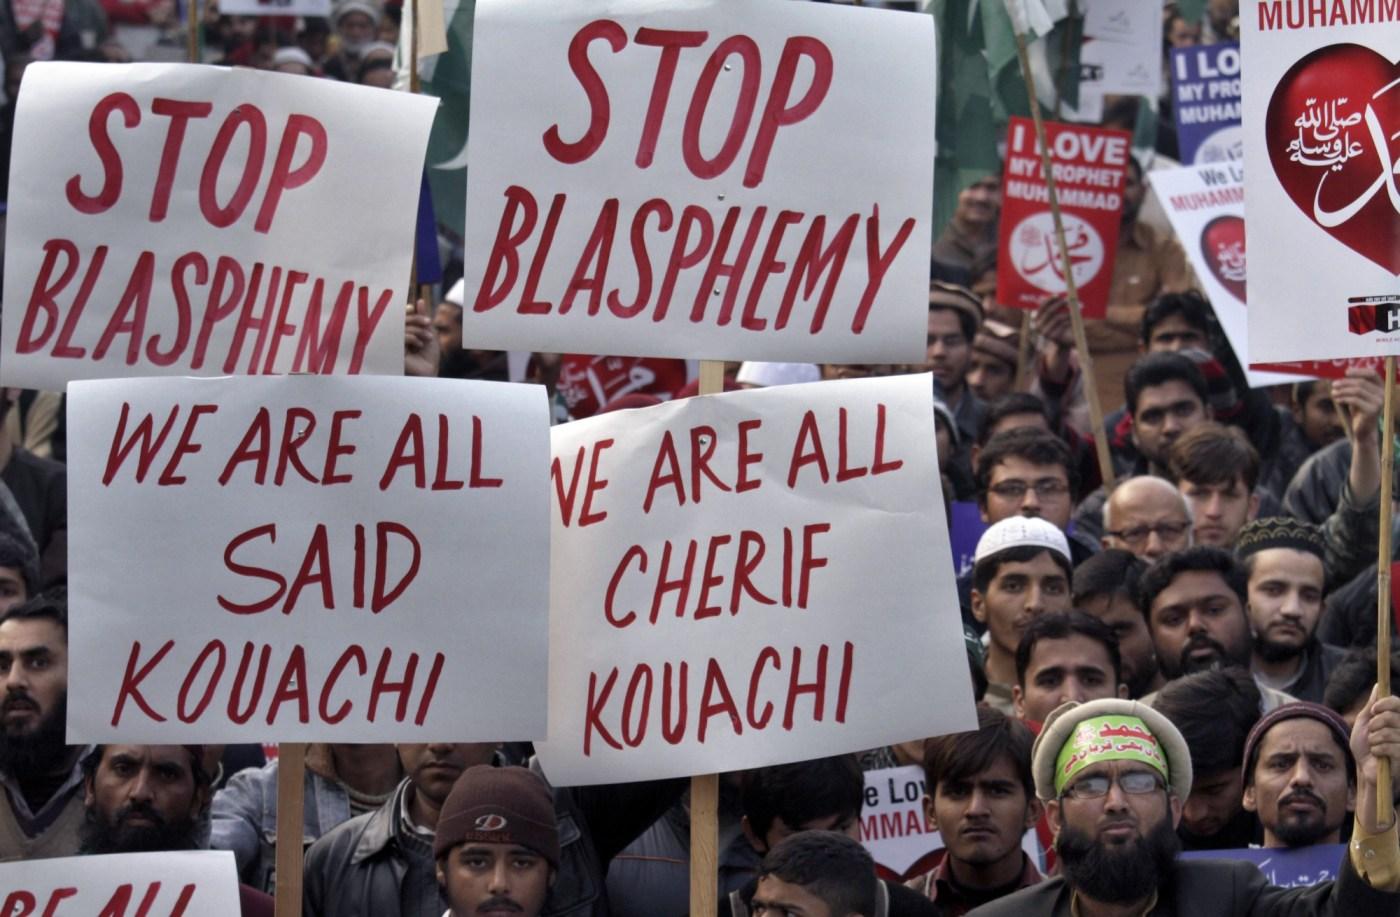 Miembros del partido Jamaat-e-Islami de Pakistán protestan contra Charlie Hebdo con pancartas con los nombres de los atacantes que mataron a 12 personas en las oficinas de la redacción.